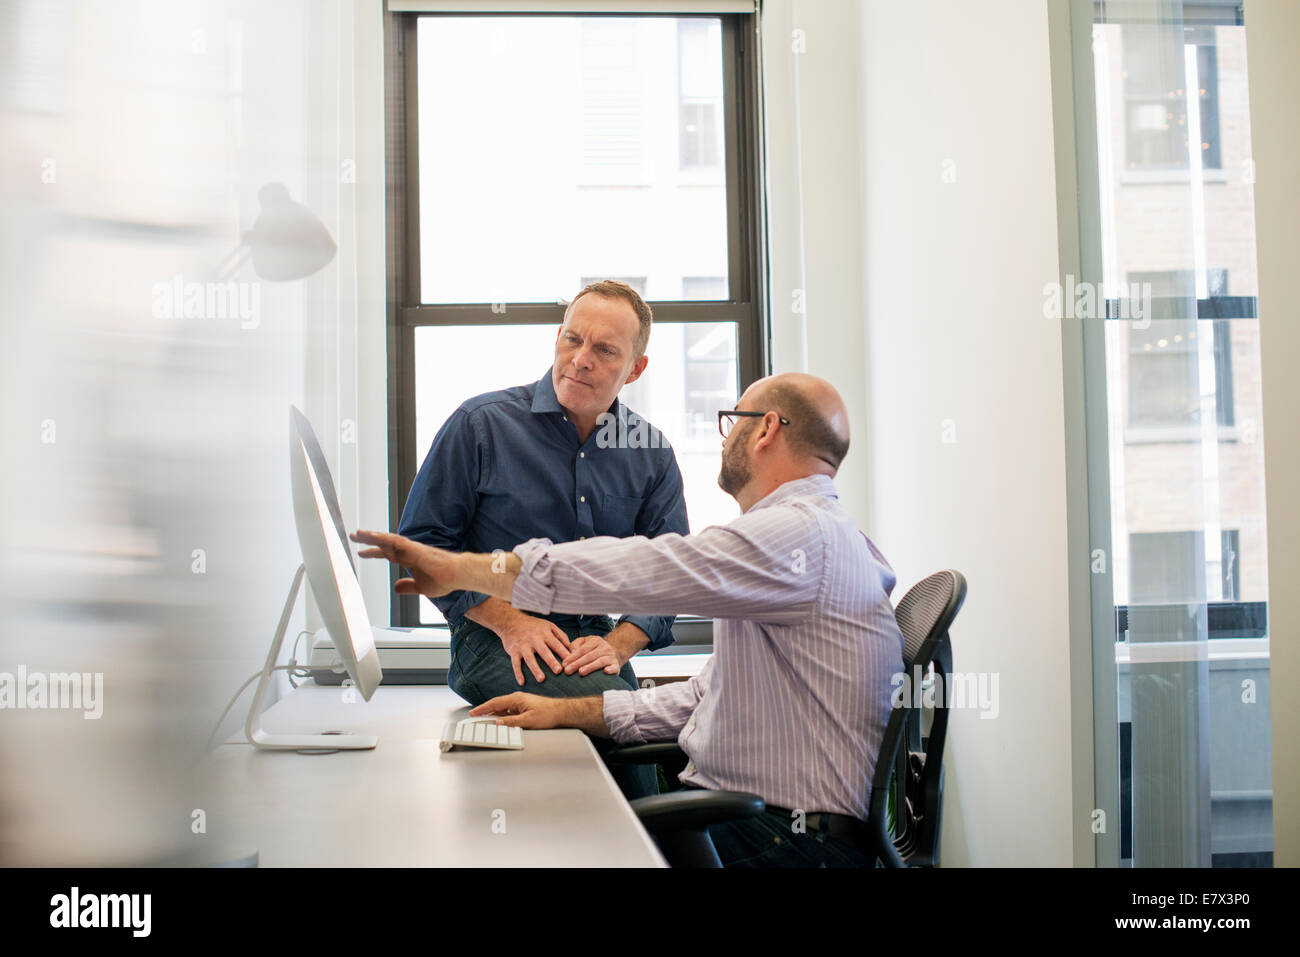 Zwei Kollegen im Büro sprechen und unter Bezugnahme auf einem Computerbildschirm. Stockbild